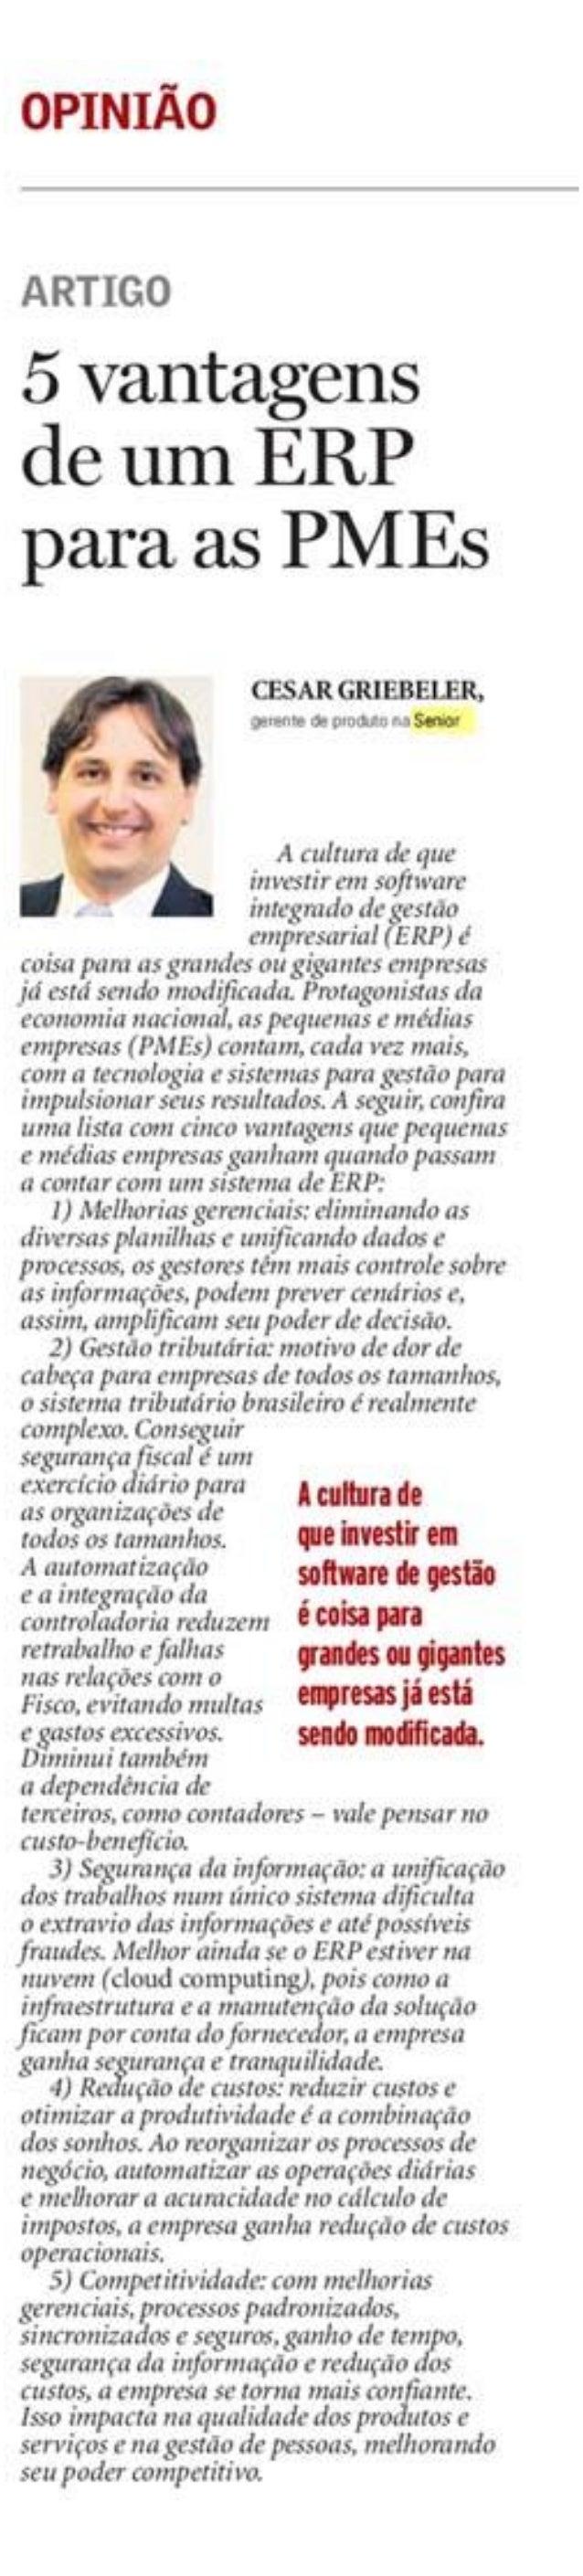 Jornal A Notícia 03/07/2015   5 vantagens de um ERP para as PMEs